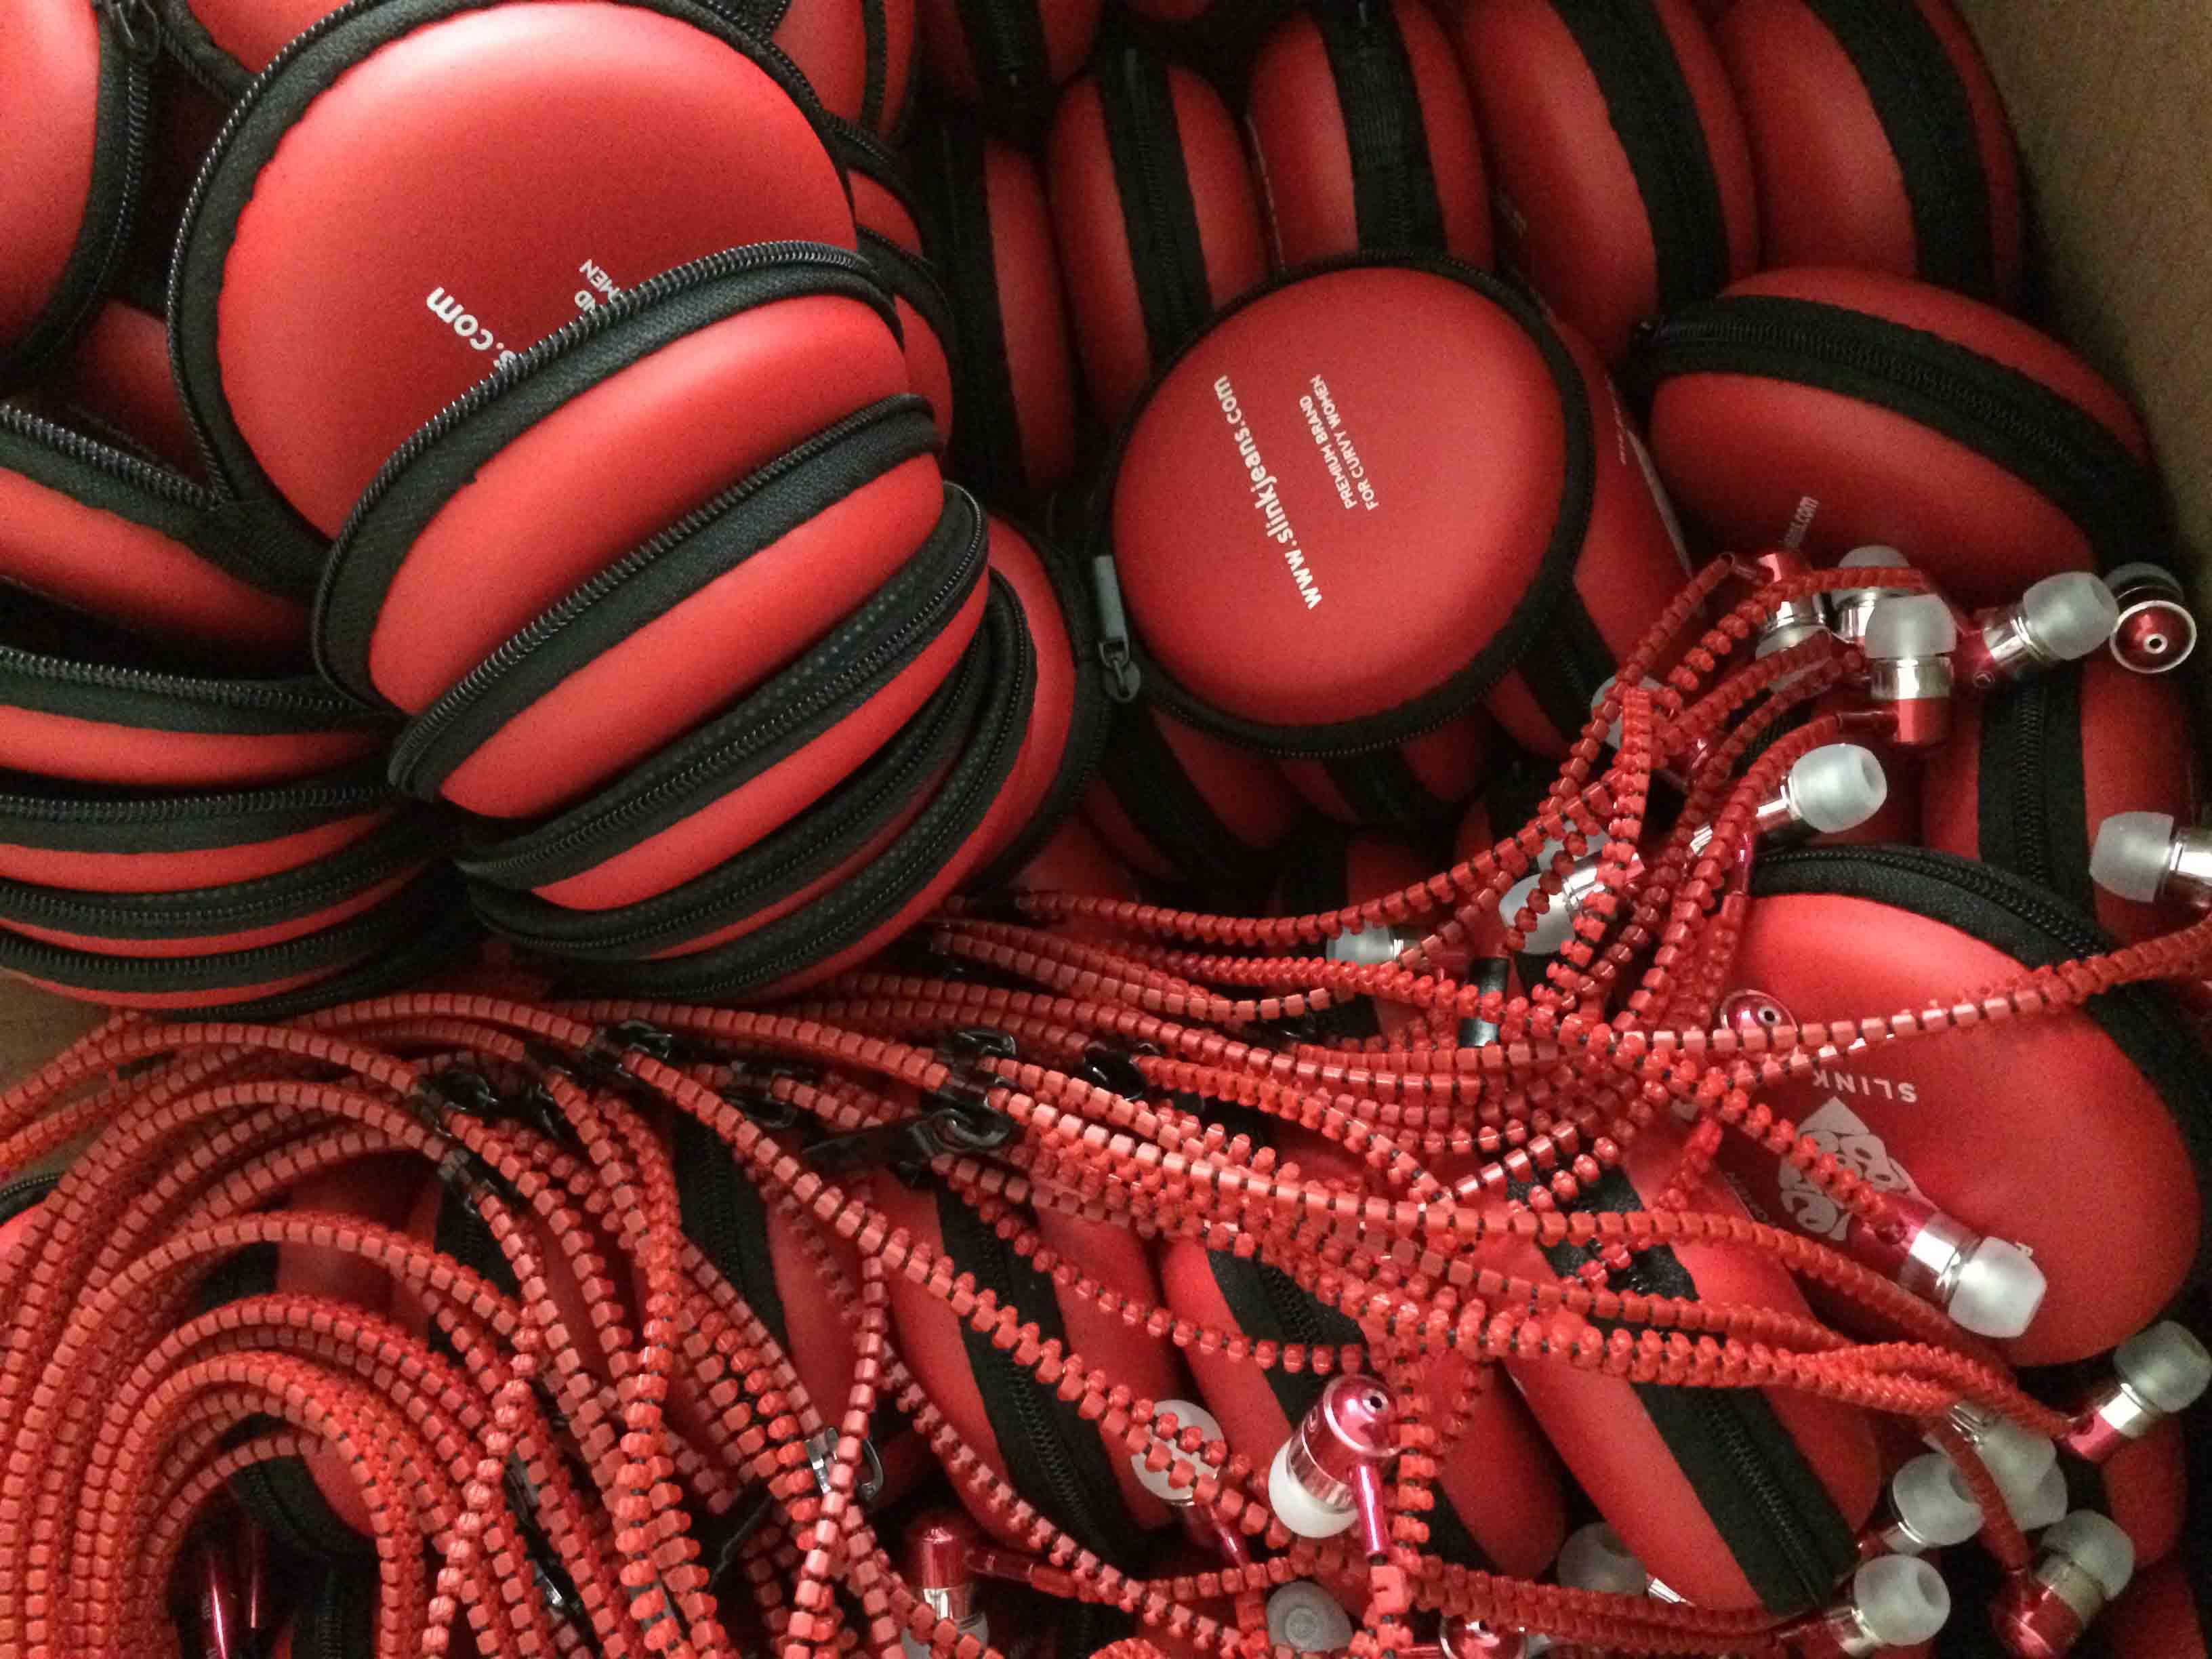 SLINK JEANS Promotion Zipper Earphones